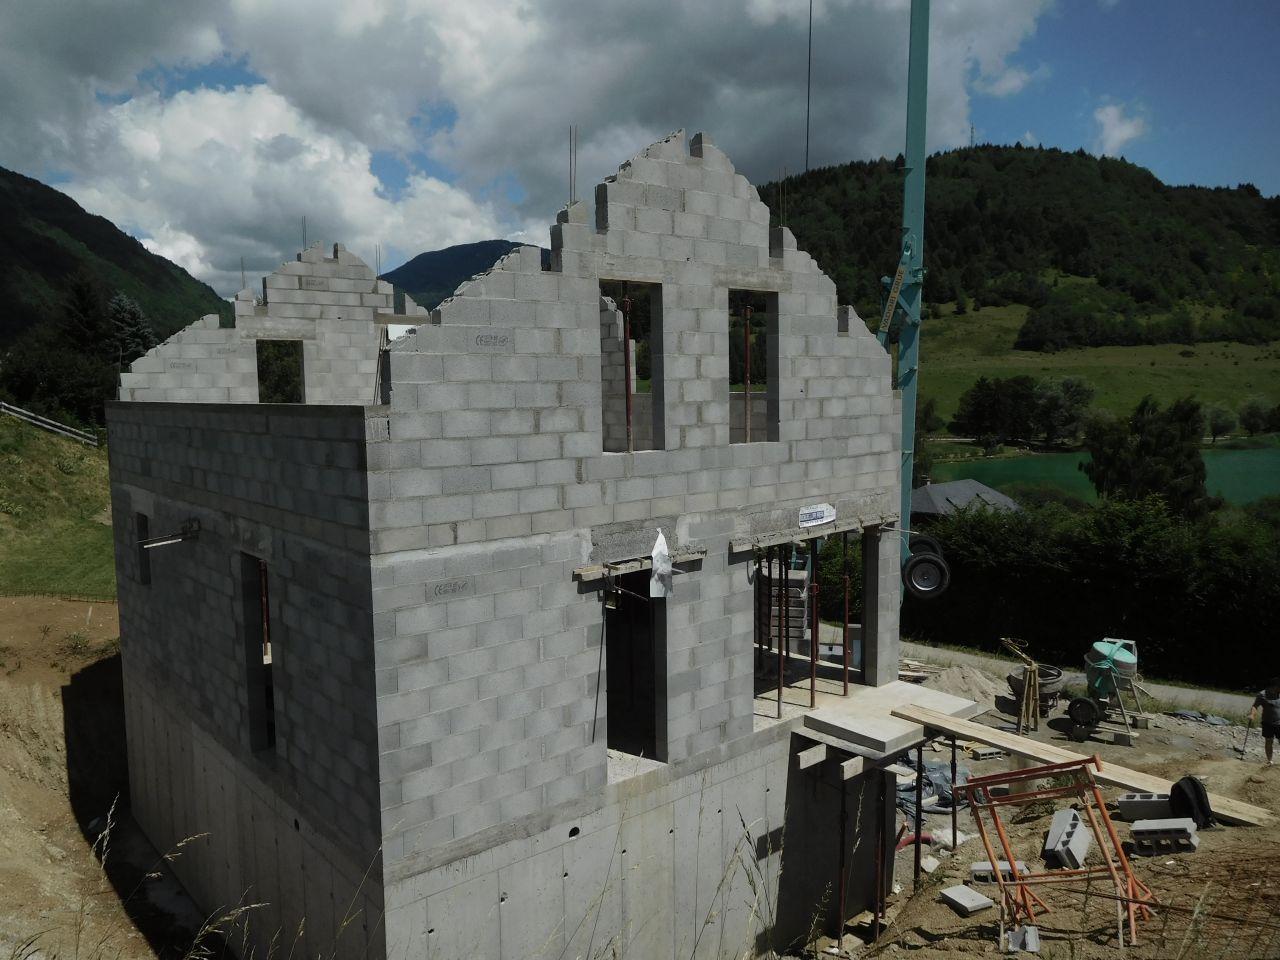 Vue du pignon sud. Le terrain sera remblayé sur toute la partie banchée des murs.